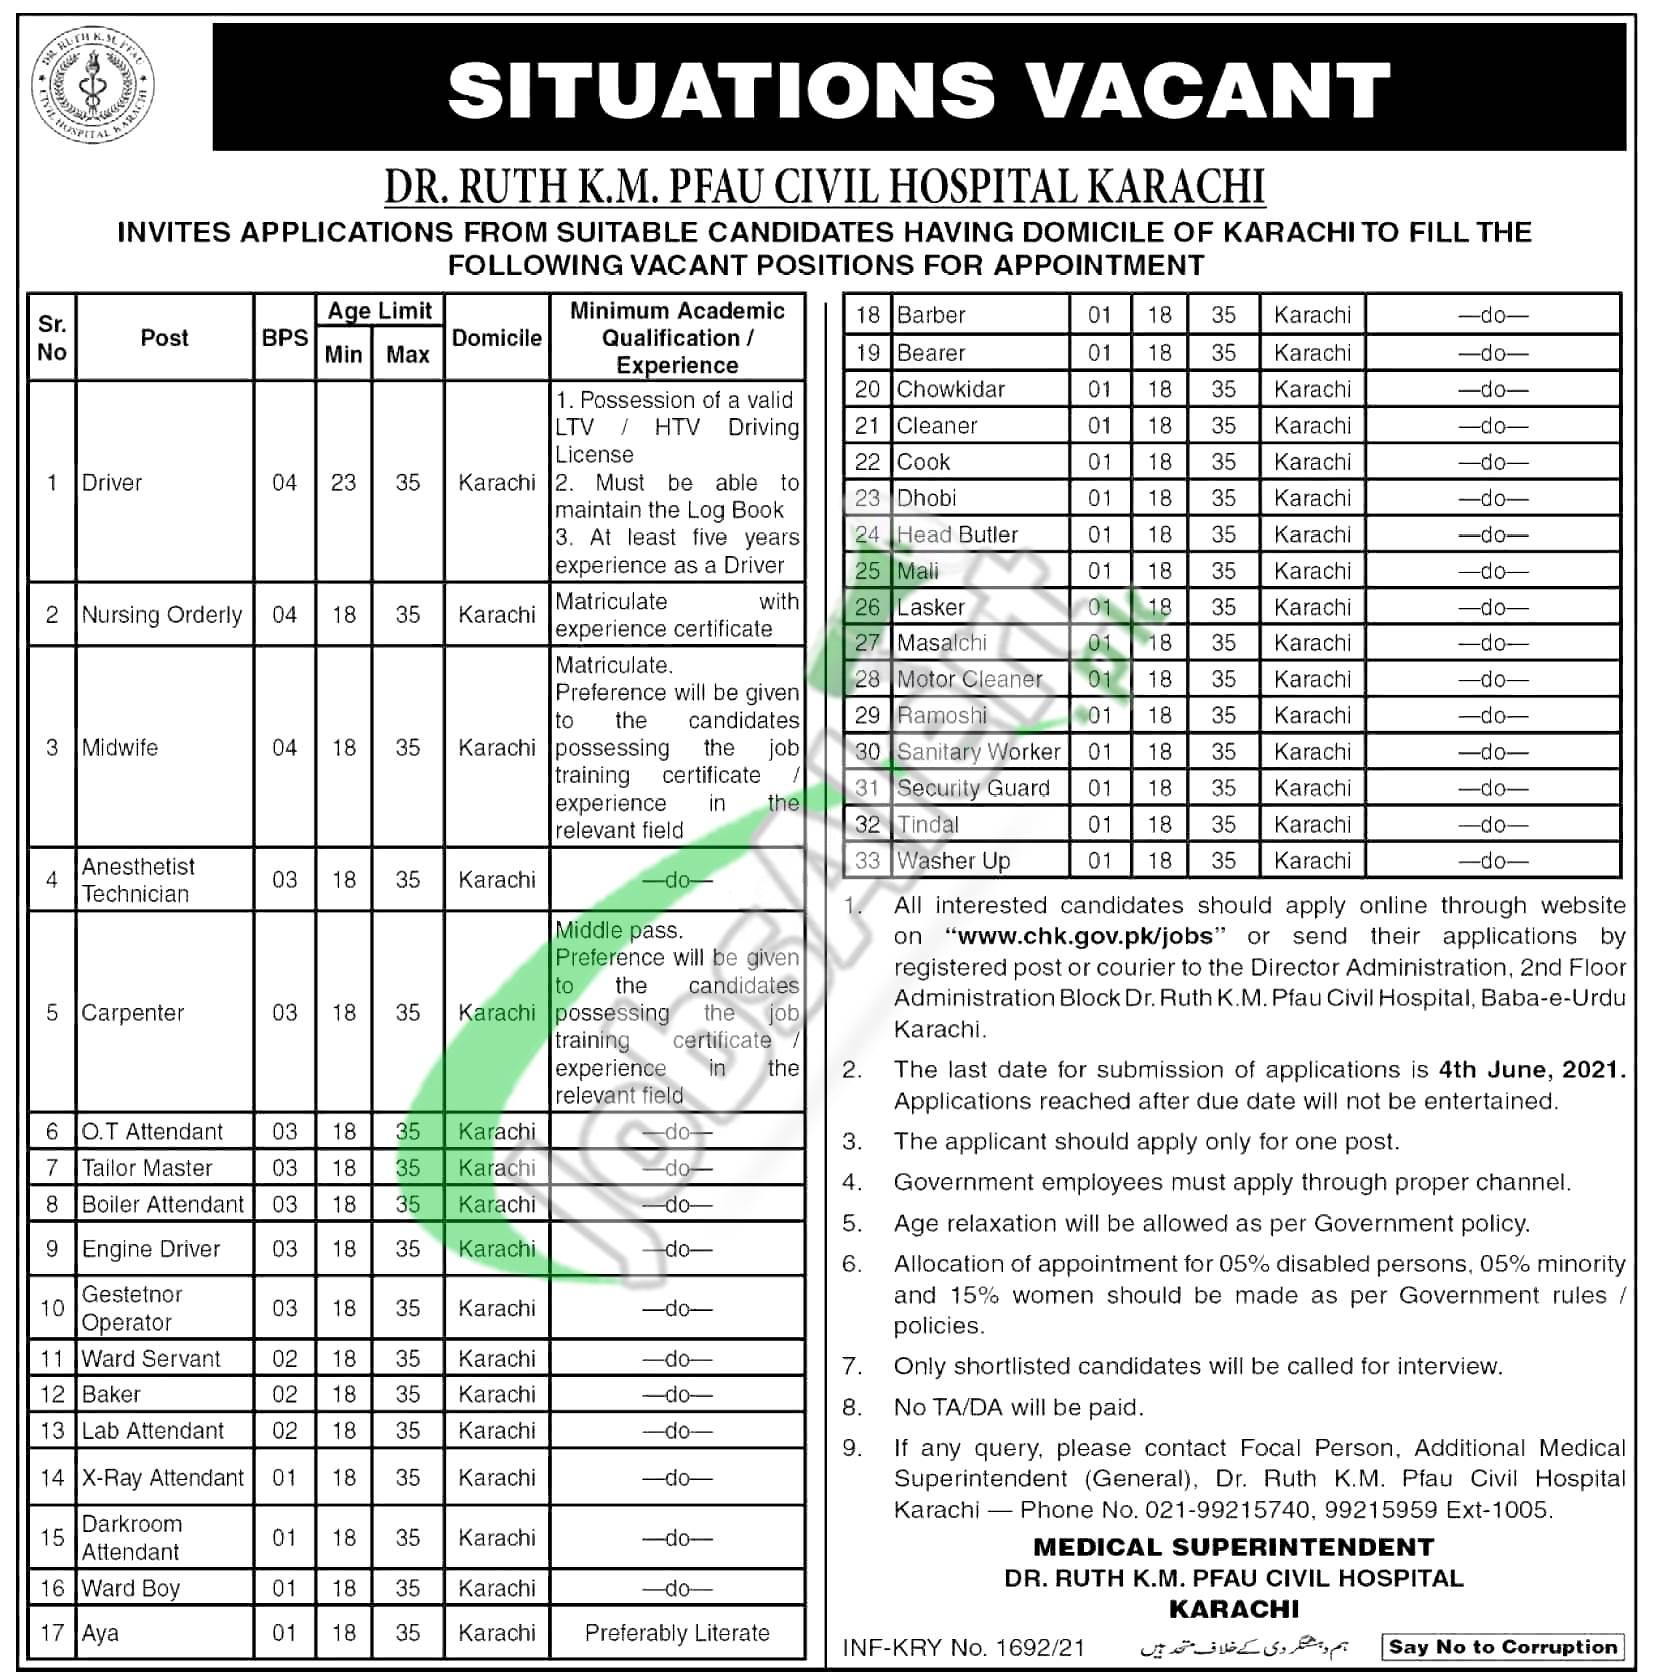 Dr. Ruth K.M. PFAU Civil Hospital Karachi Jobs